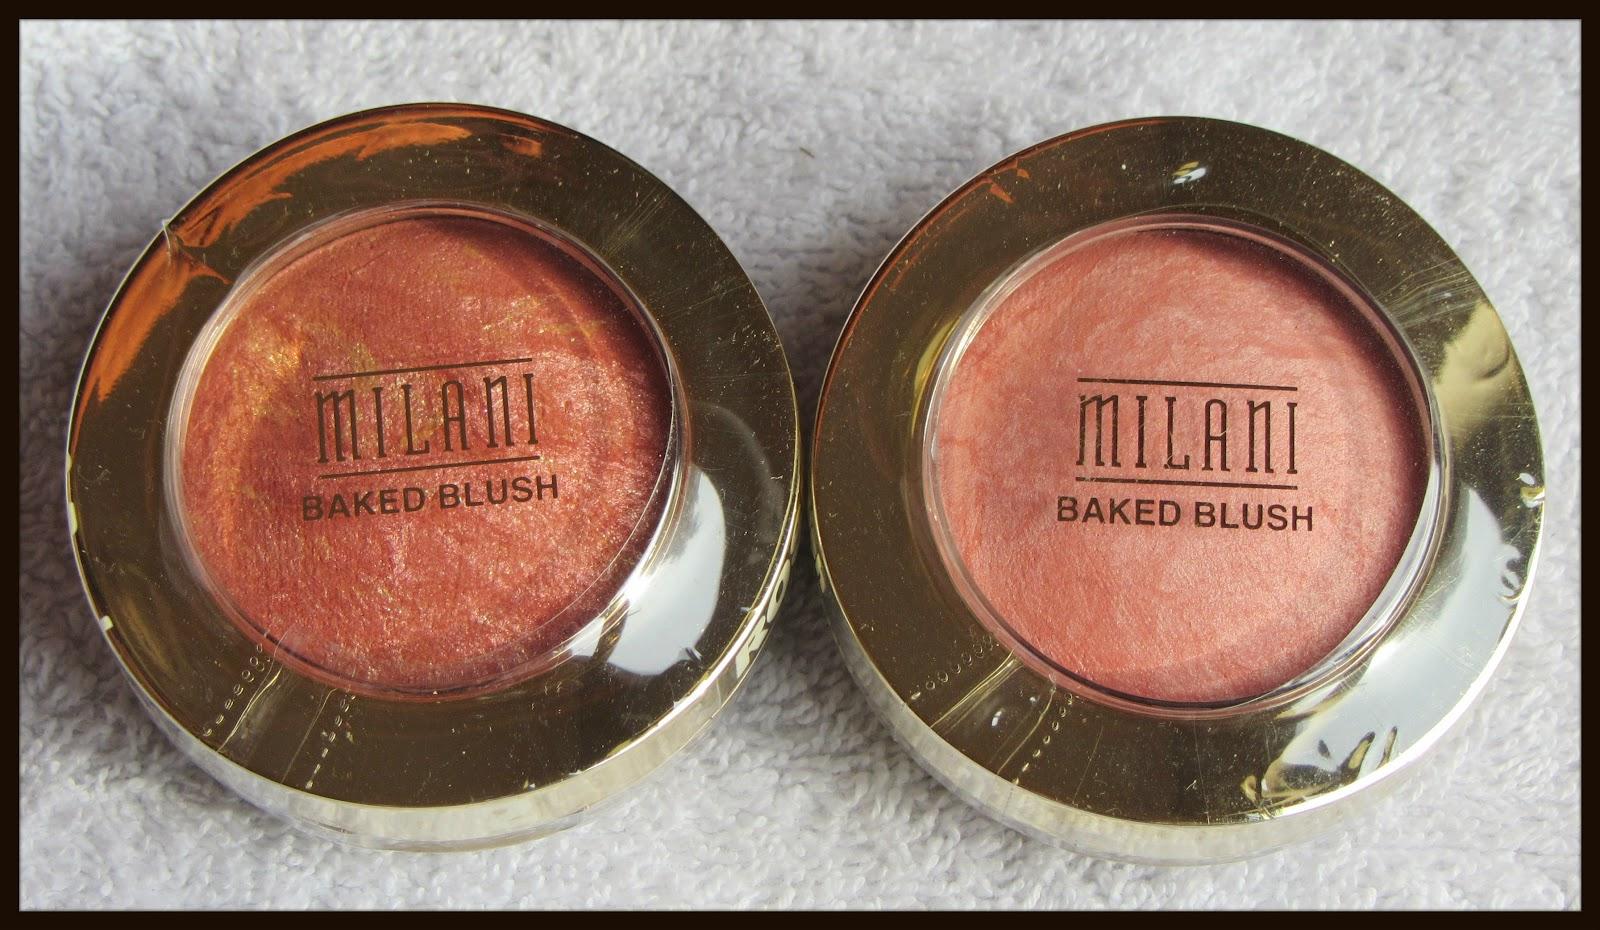 Milani Baked Blush Rose Doro Milani Baked Blush in Rose